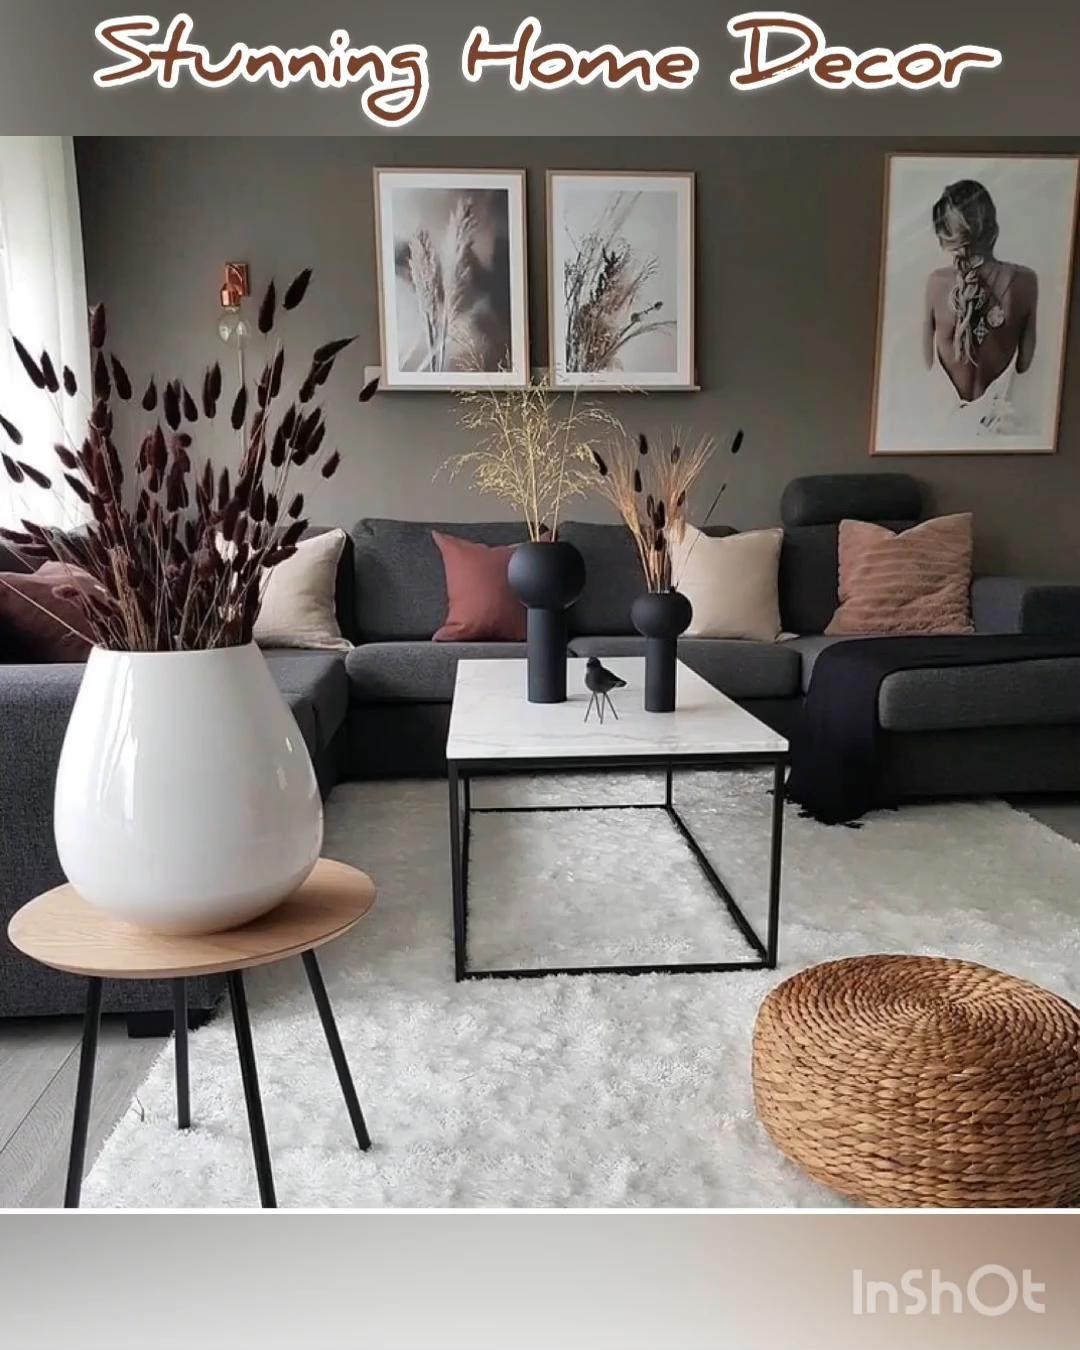 Stunning Scandinavian Home Decor